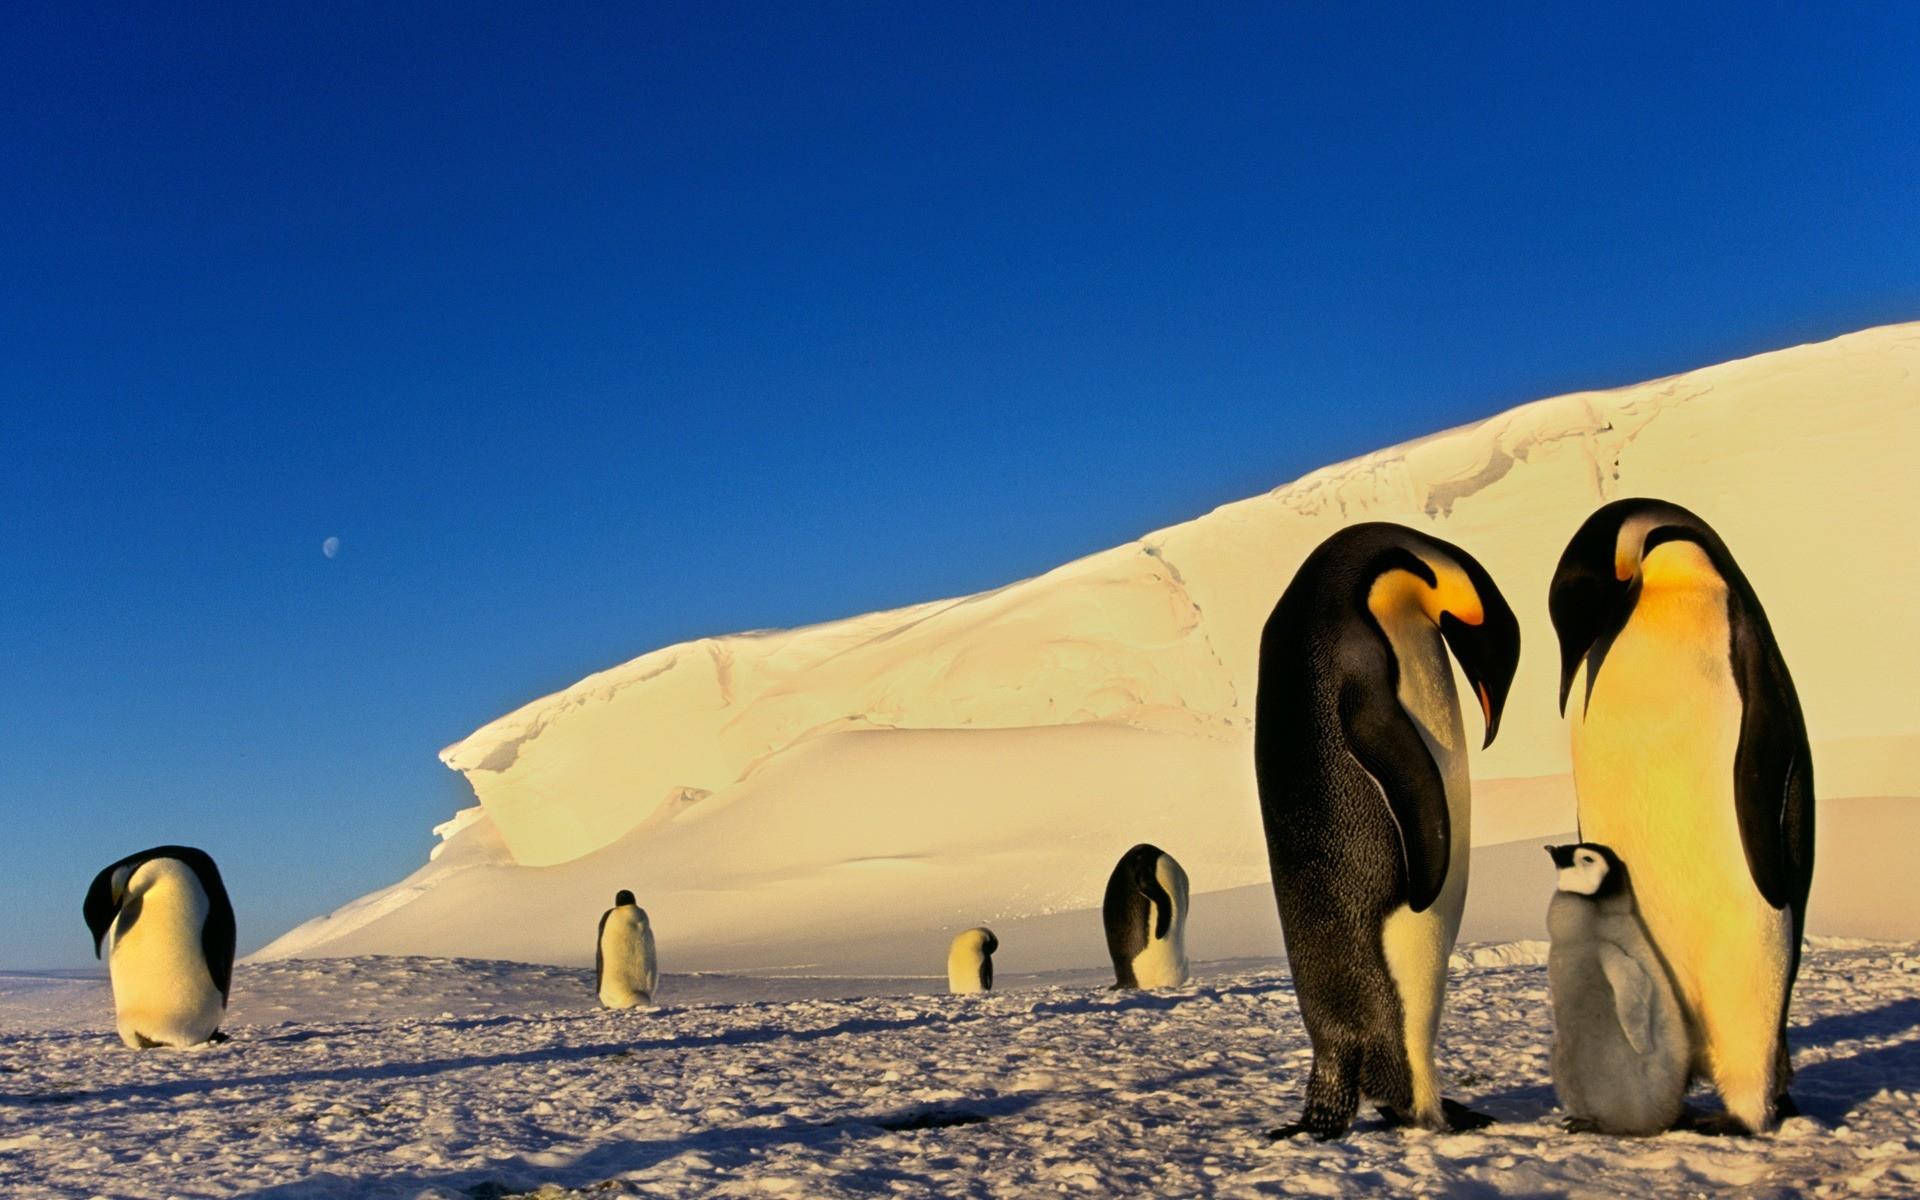 там обои на рабочий стол пингвины на льдине таких зонтах